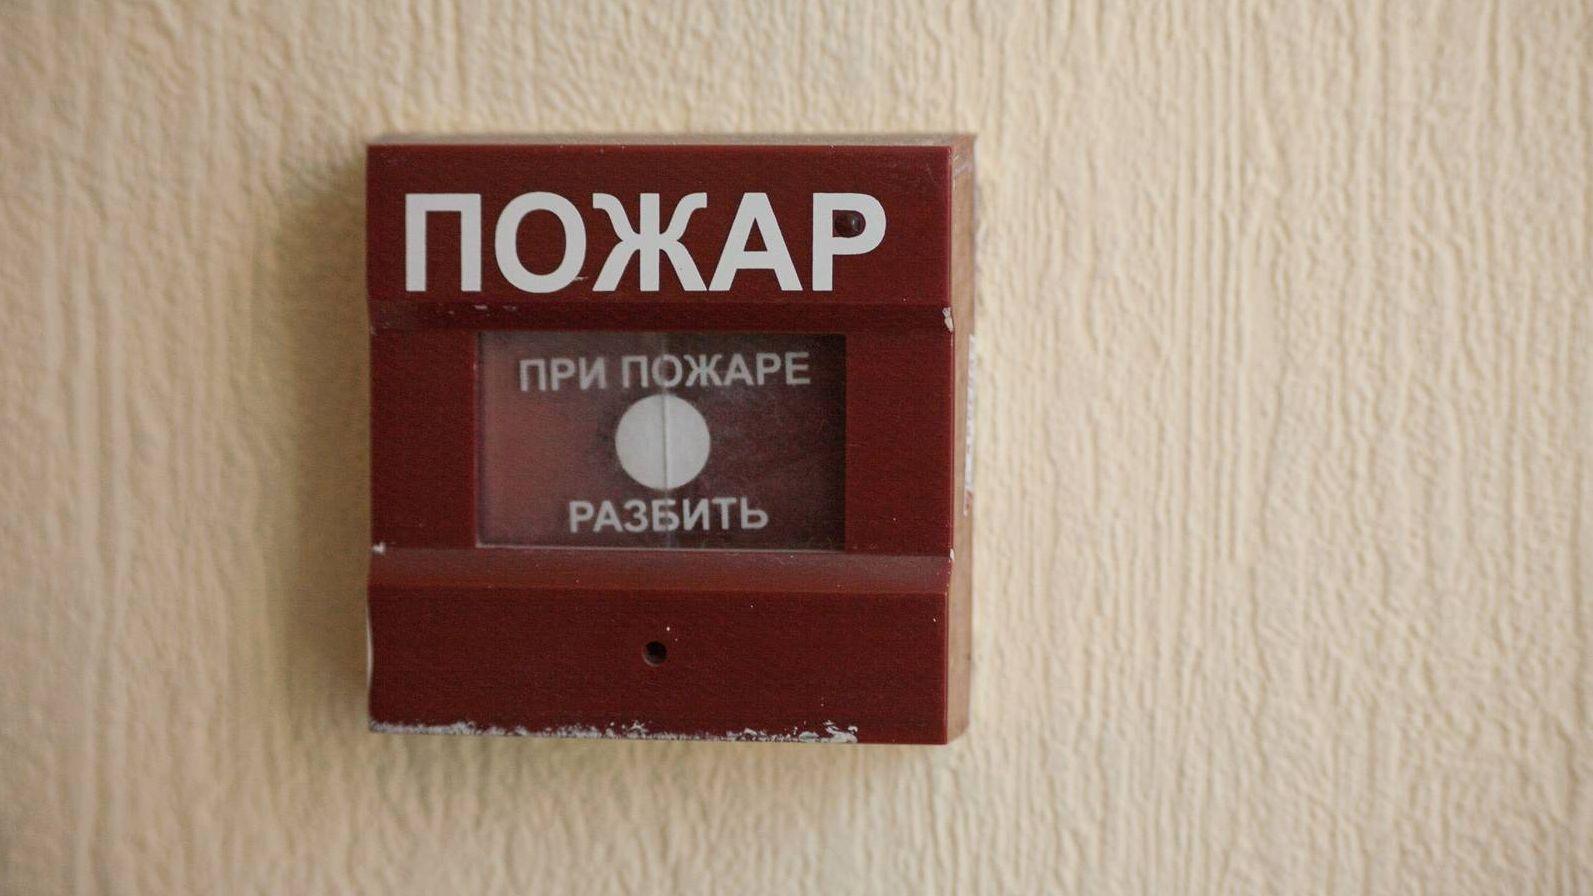 Пожар тревога кнопка